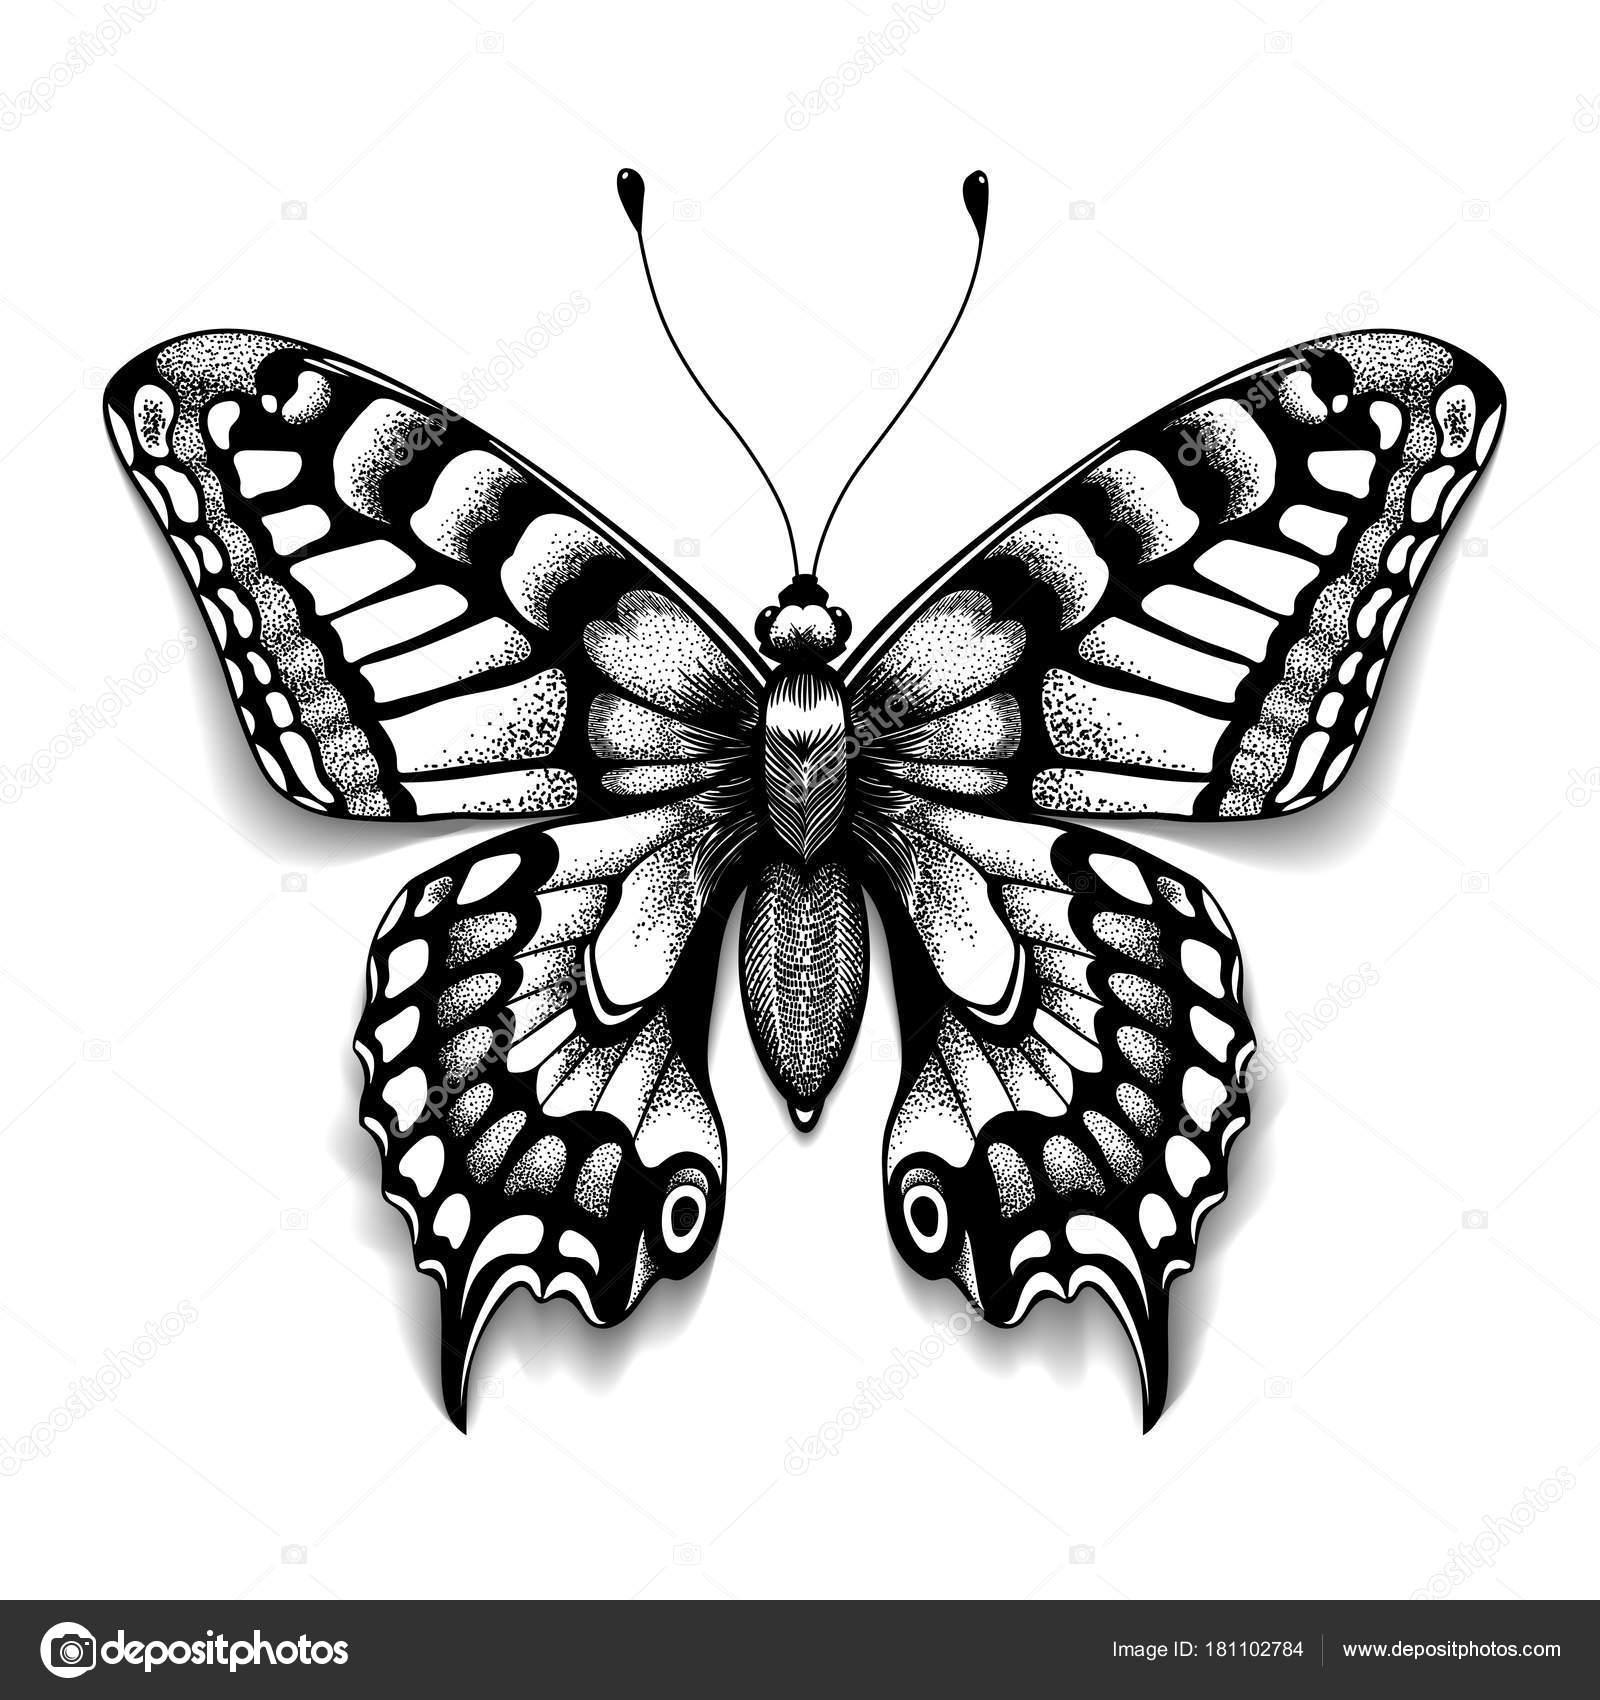 Dessin Papillon Tatouage tatouage papillon d'art pour la conception et la décoration